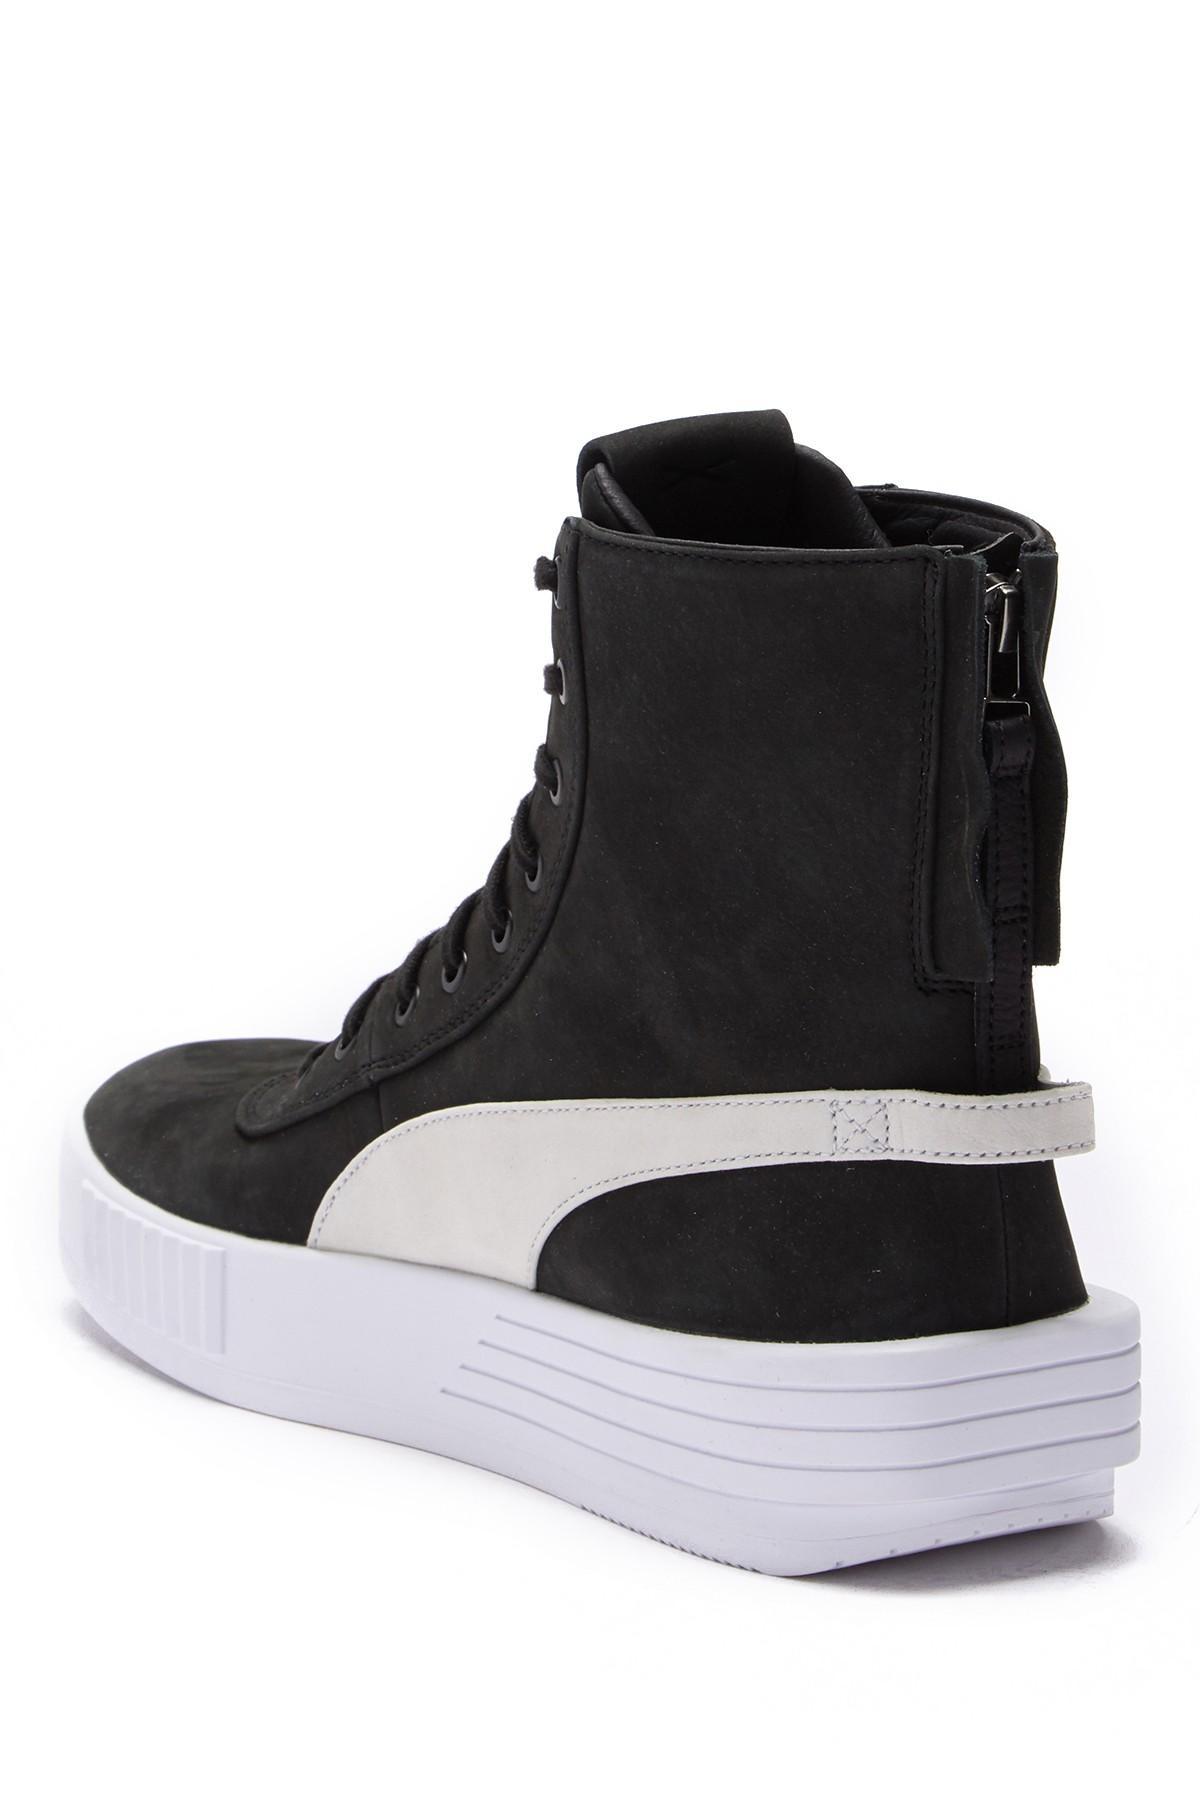 PUMA - Black Xo Parallel Hi-top Sneakers for Men - Lyst. View fullscreen 6943583b1